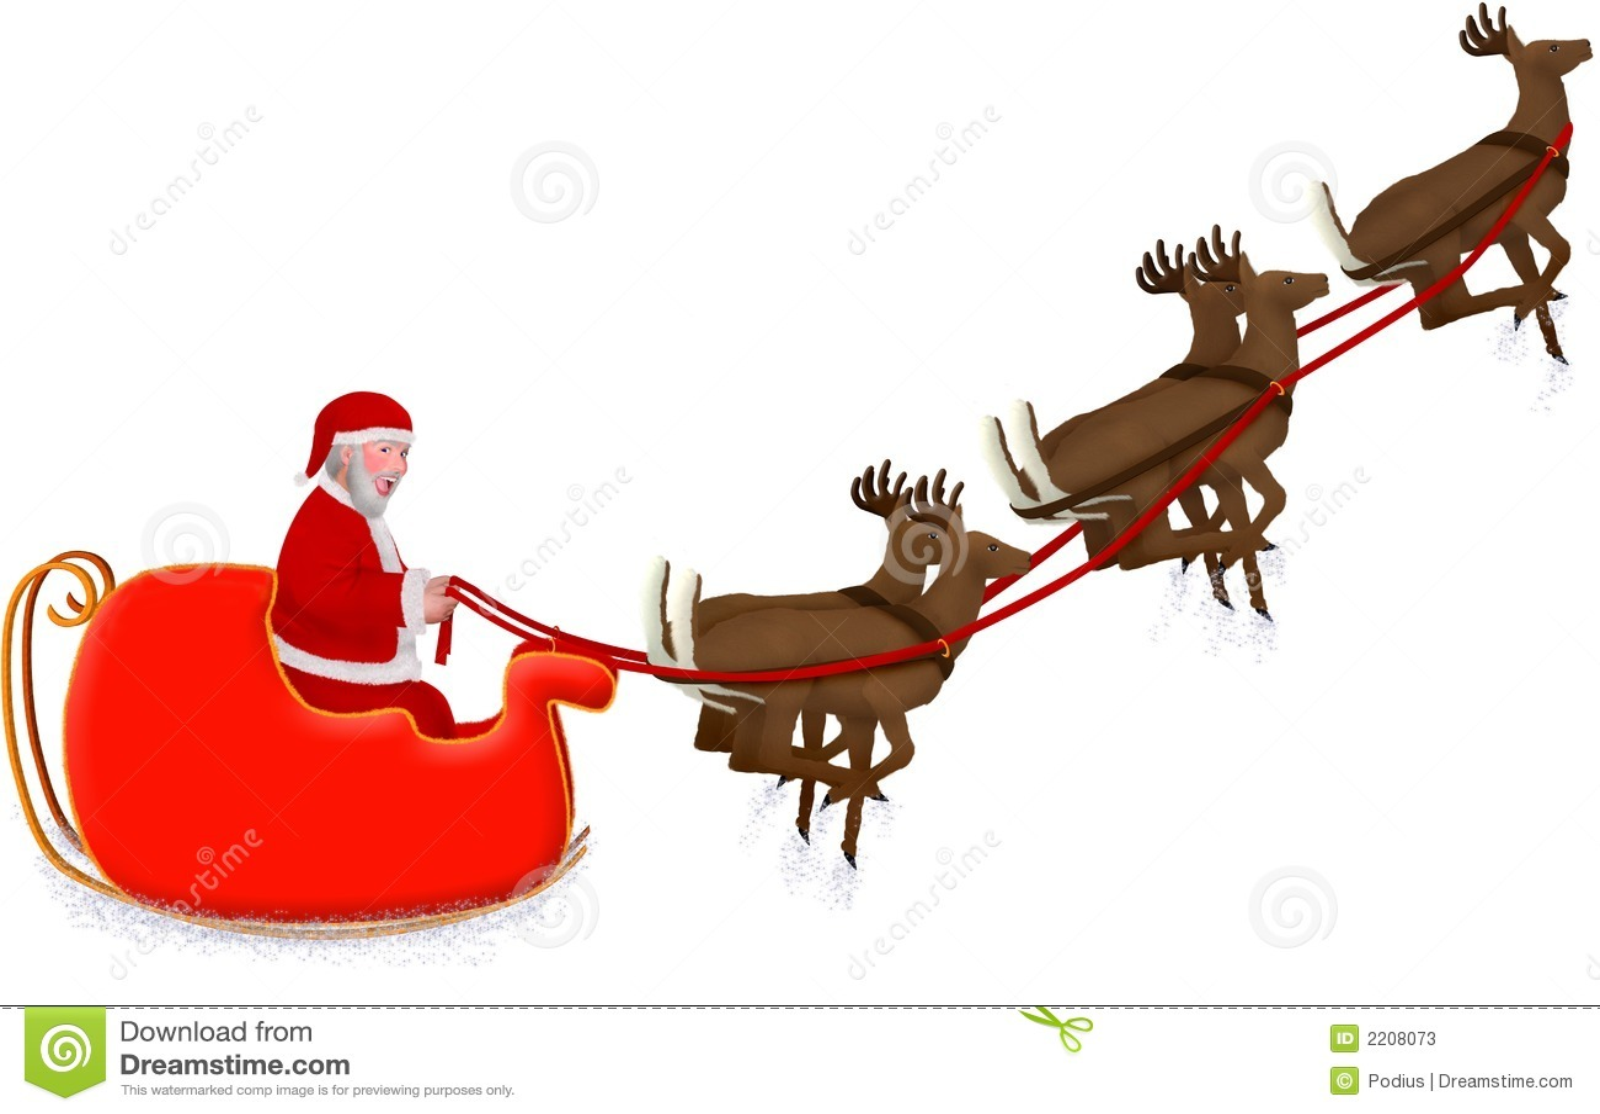 Santas Sleigh Photos | New Calendar Template Site